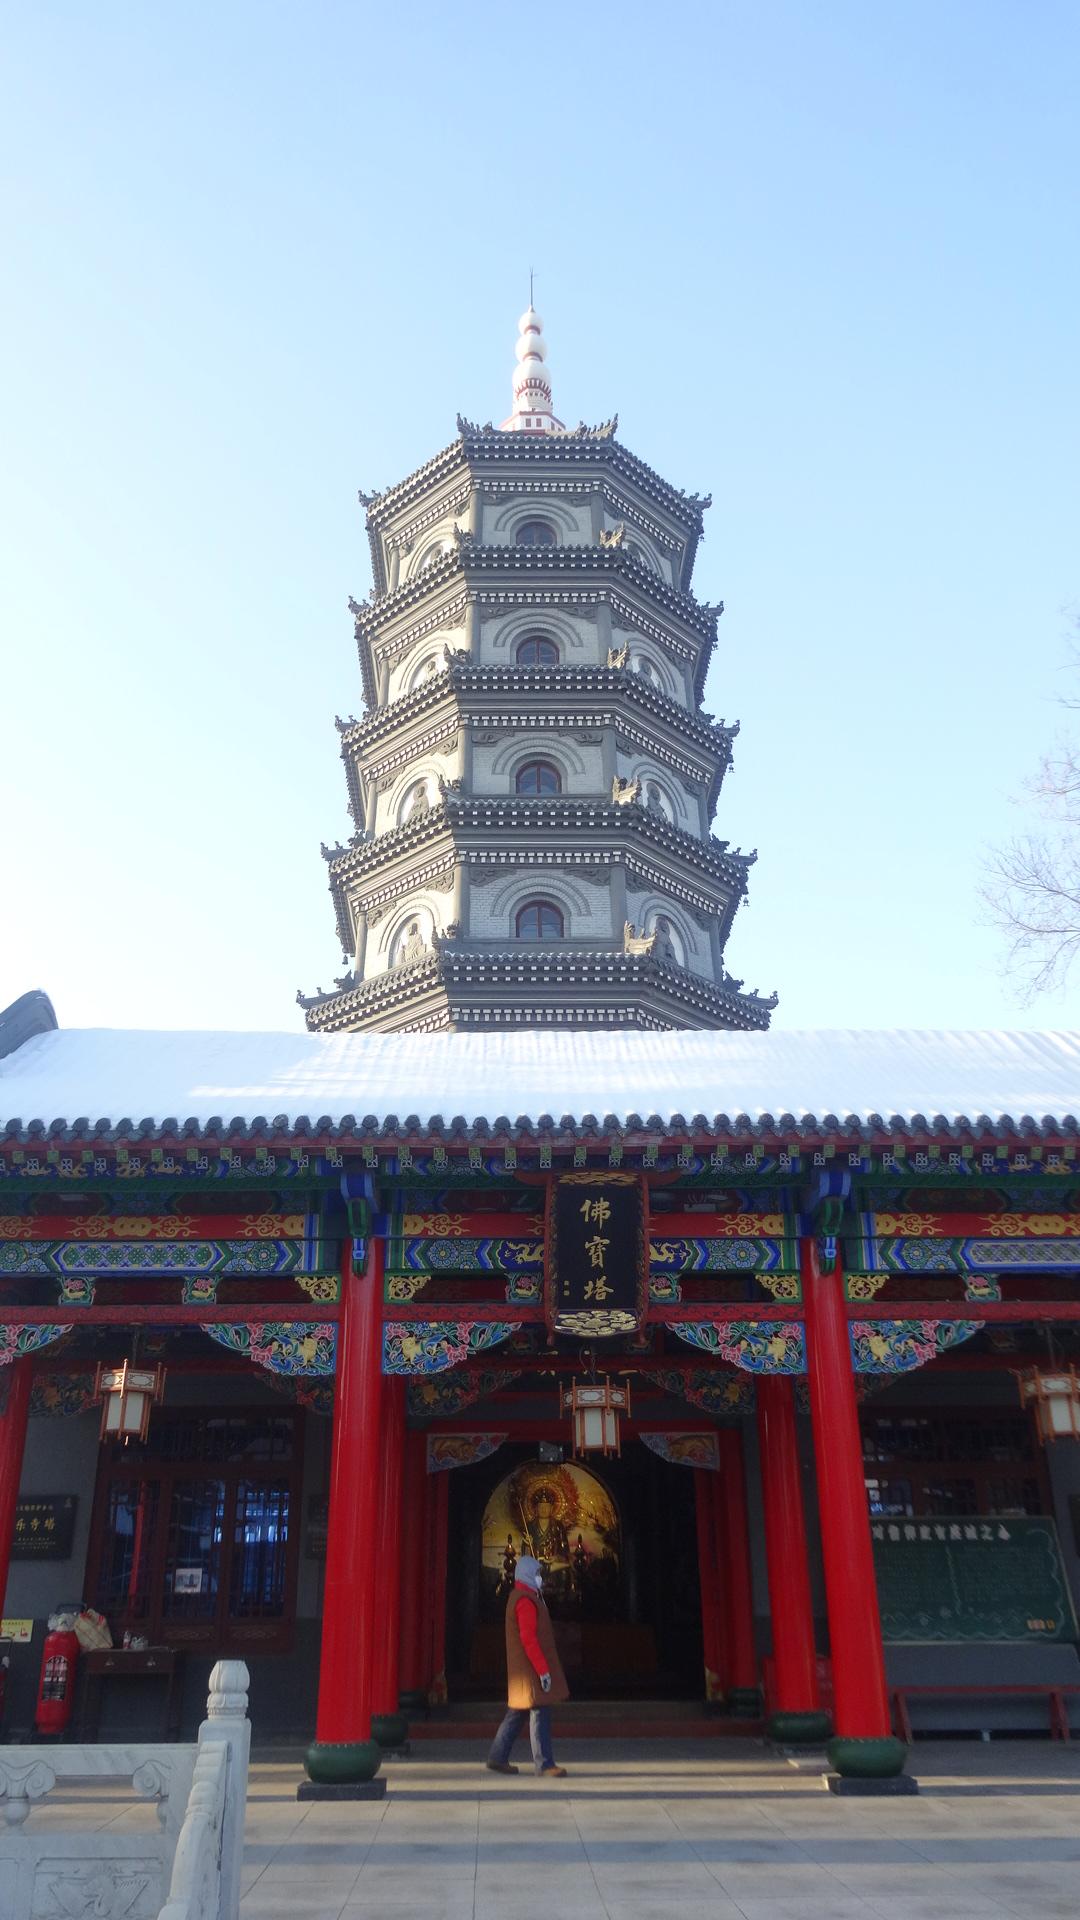 极乐寺七级浮屠塔